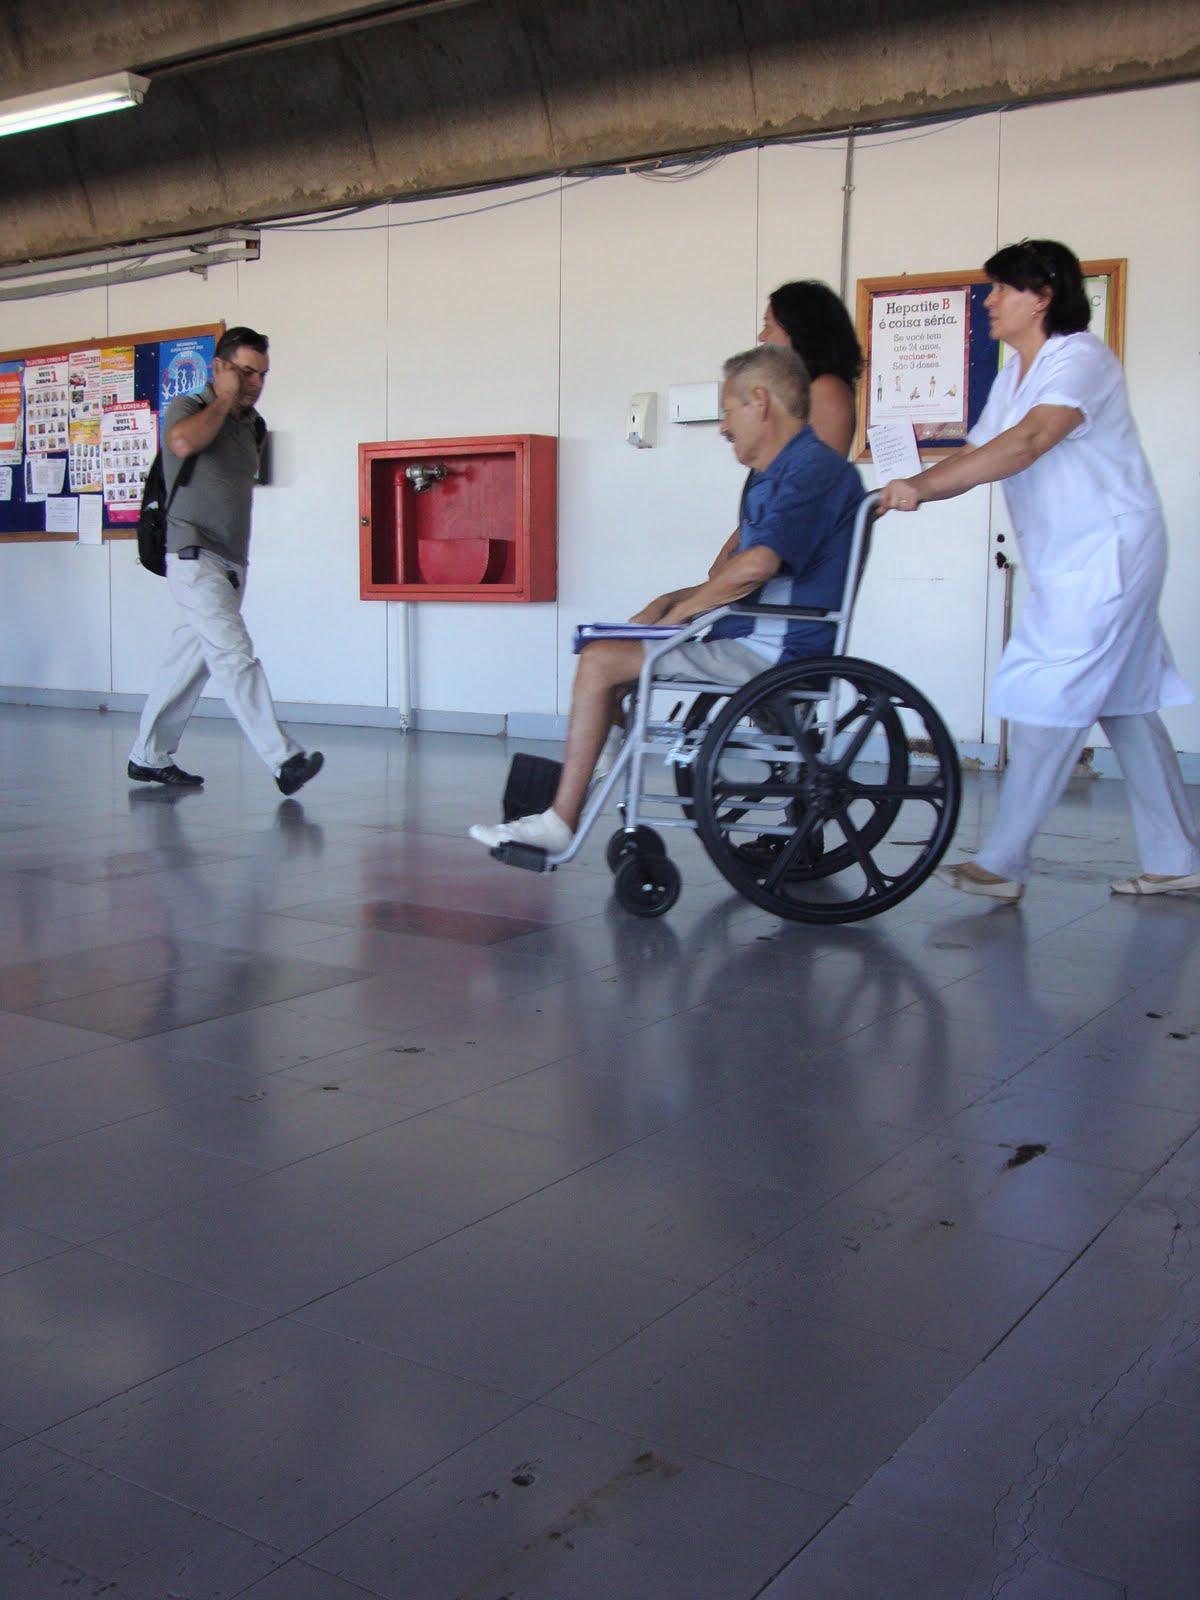 Saúde pública: No Hospital de Taguatinga macas no corredor fazem  #405D8B 1200 1600